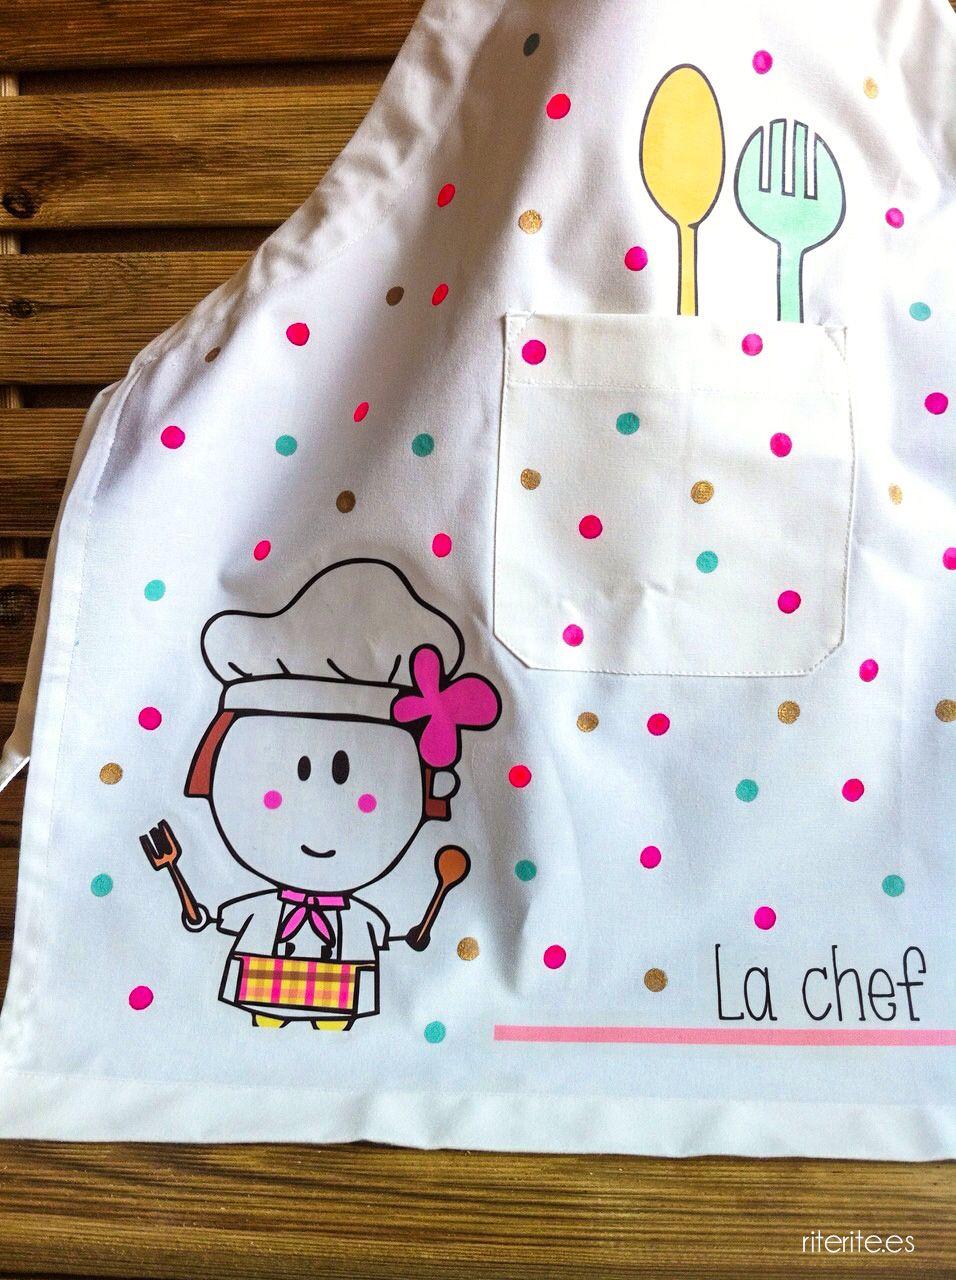 7d35e2c6bb3 Blog sobre regalos originales y personalizados para tus seres queridos. Los  regalos más especiales los encontrarás aquí.